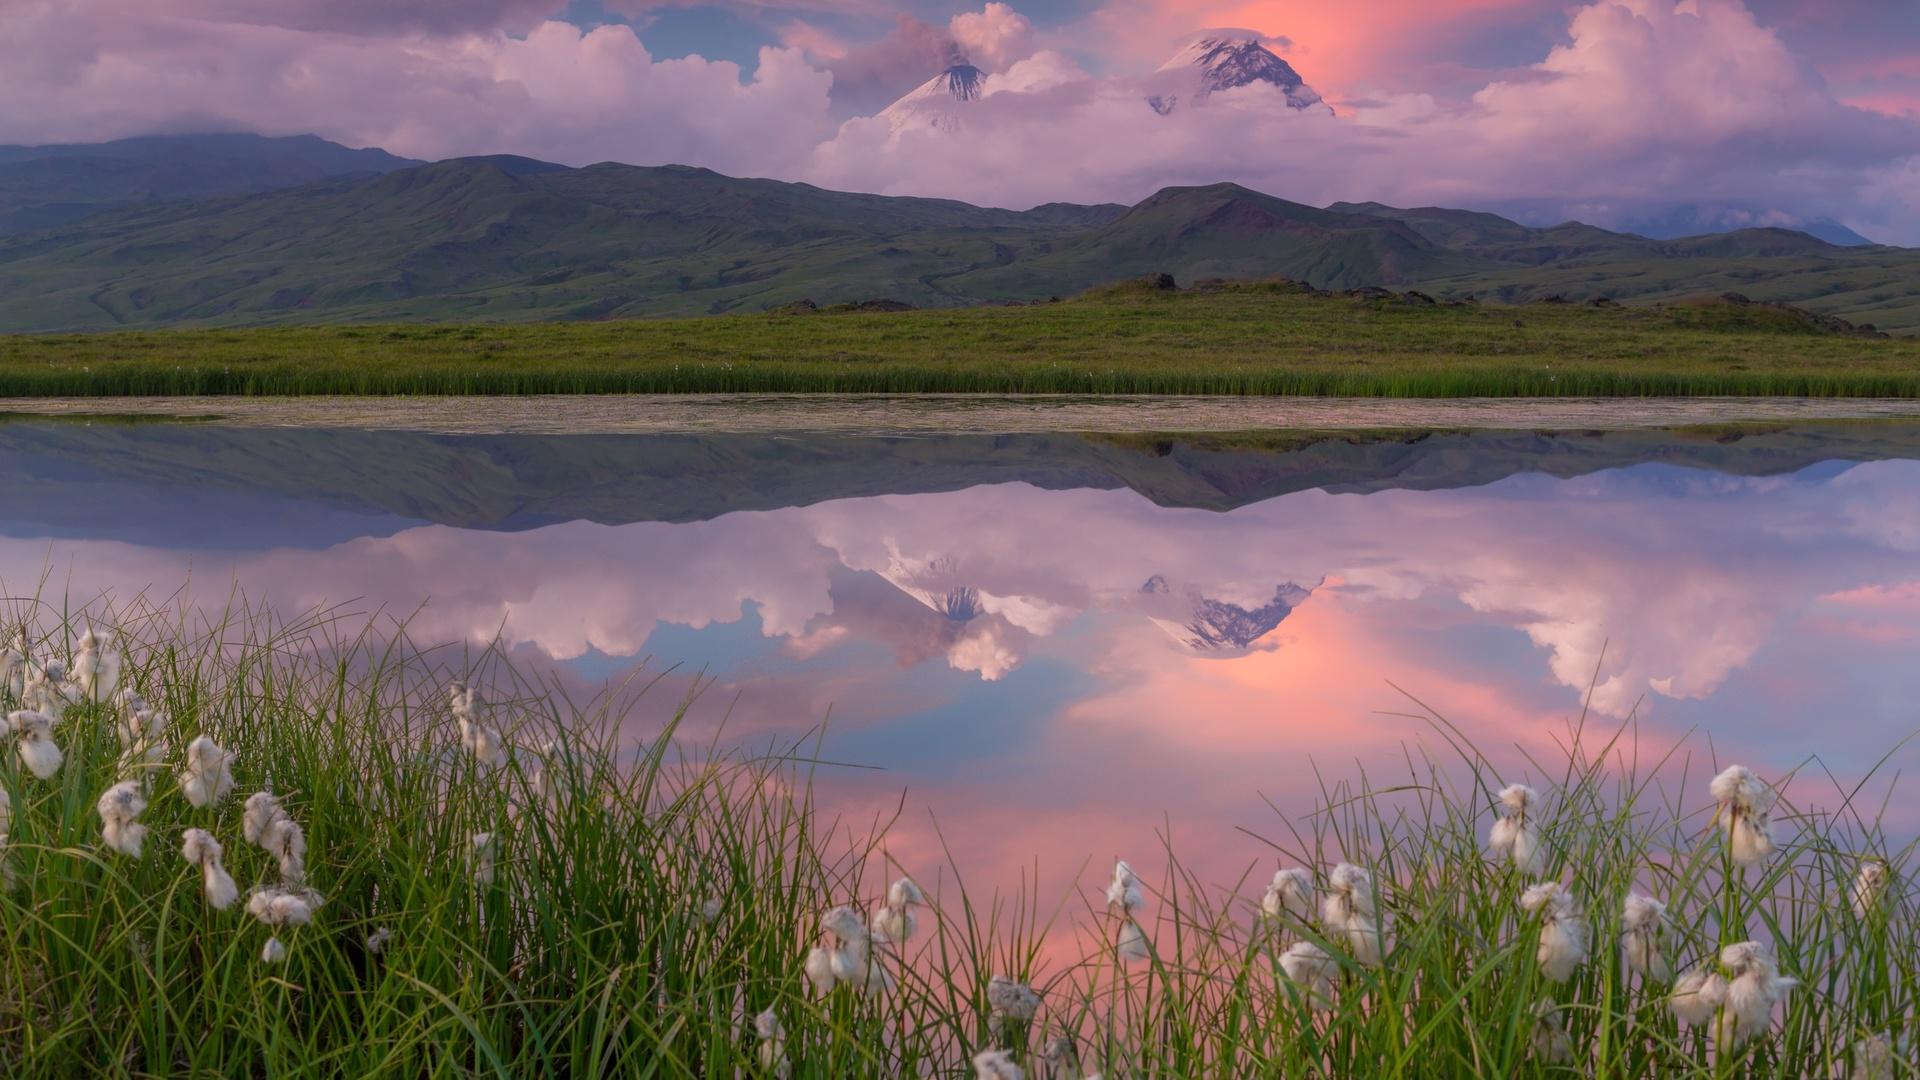 камчатка, природа, пейзаж, горы, вулкан, озеро, травы, облака